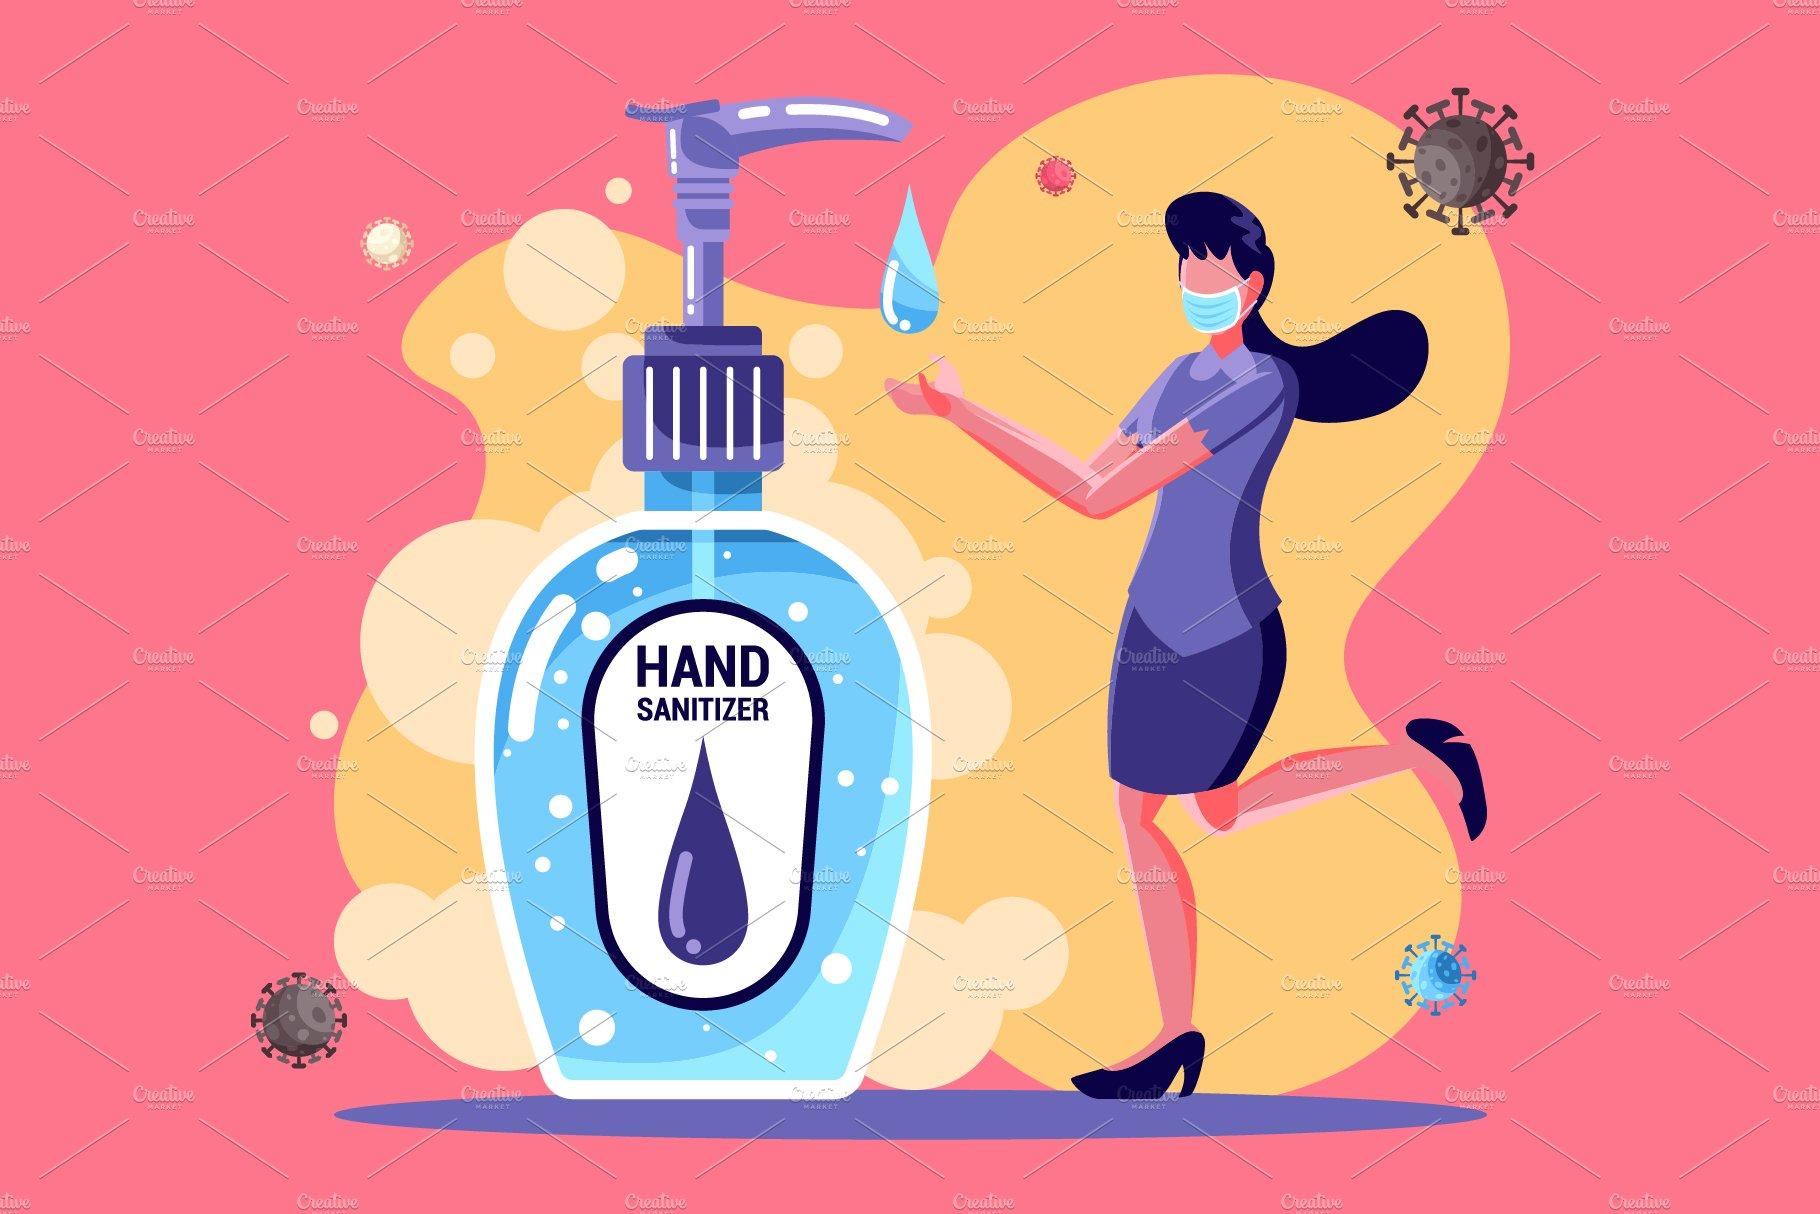 asylea sanitizer